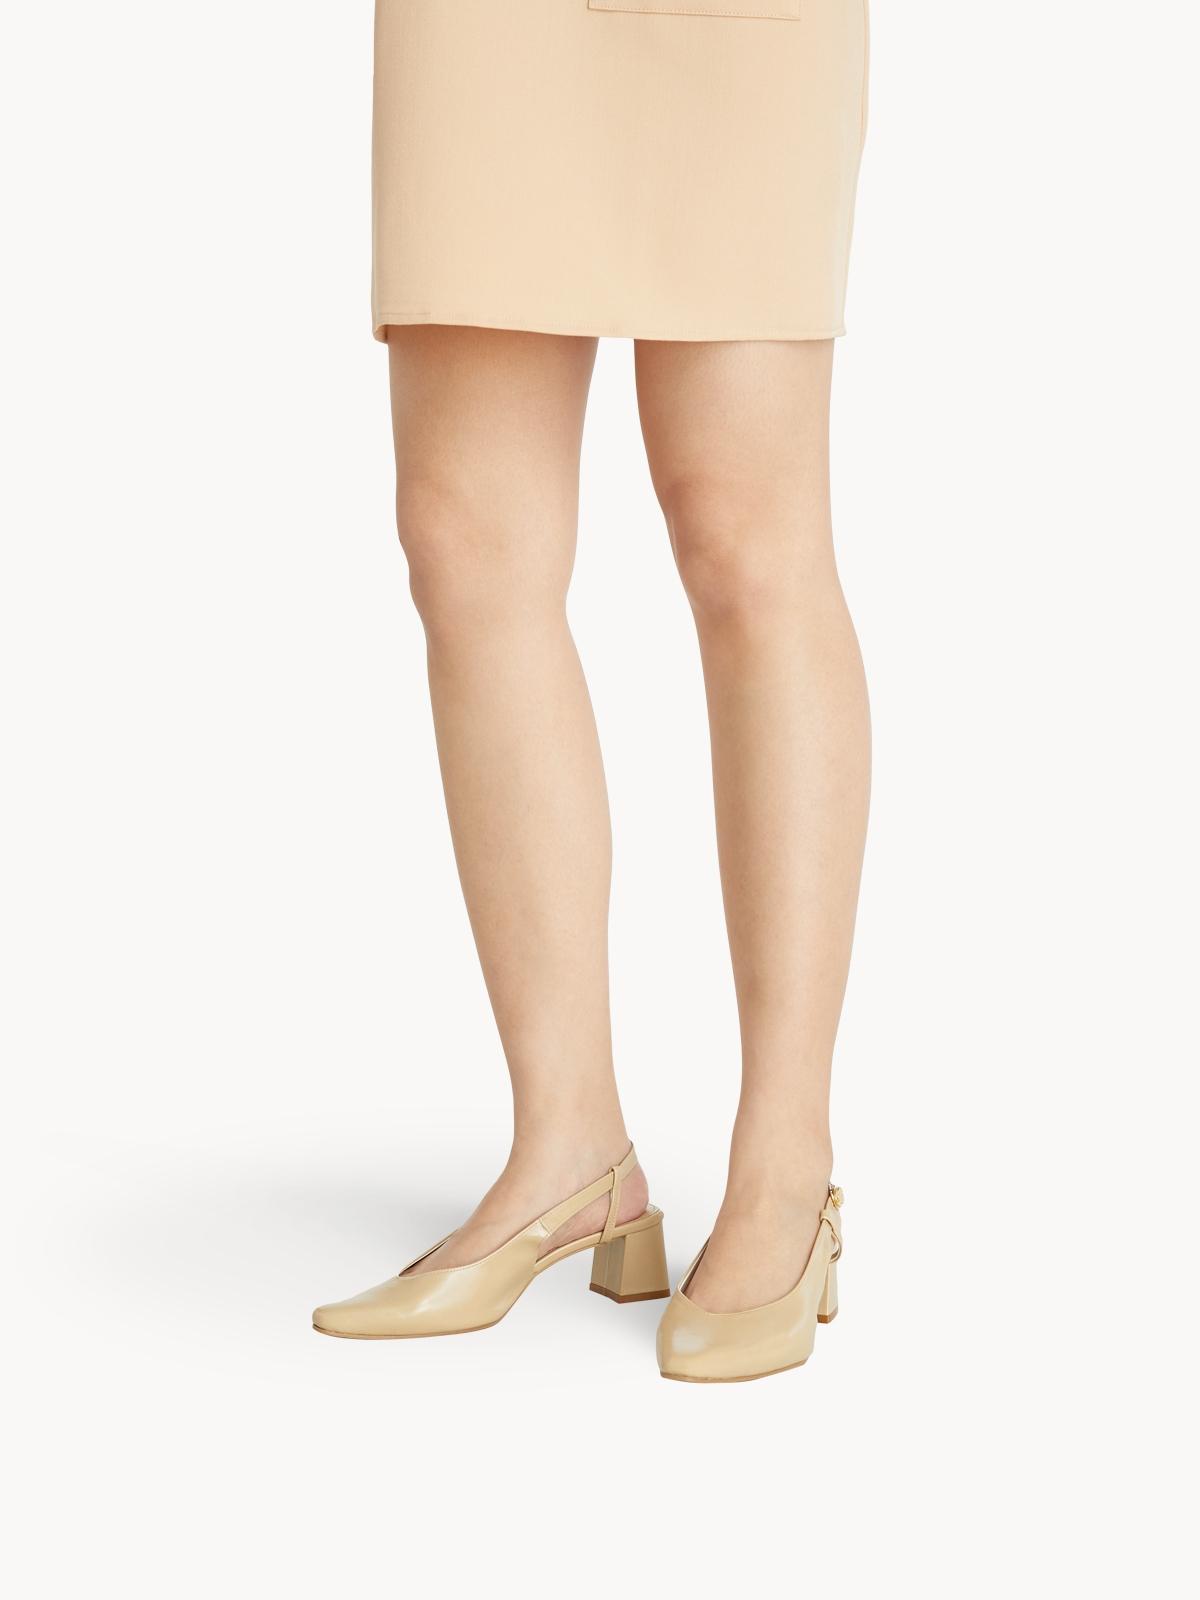 Minx Cynthia Block Heels Nude